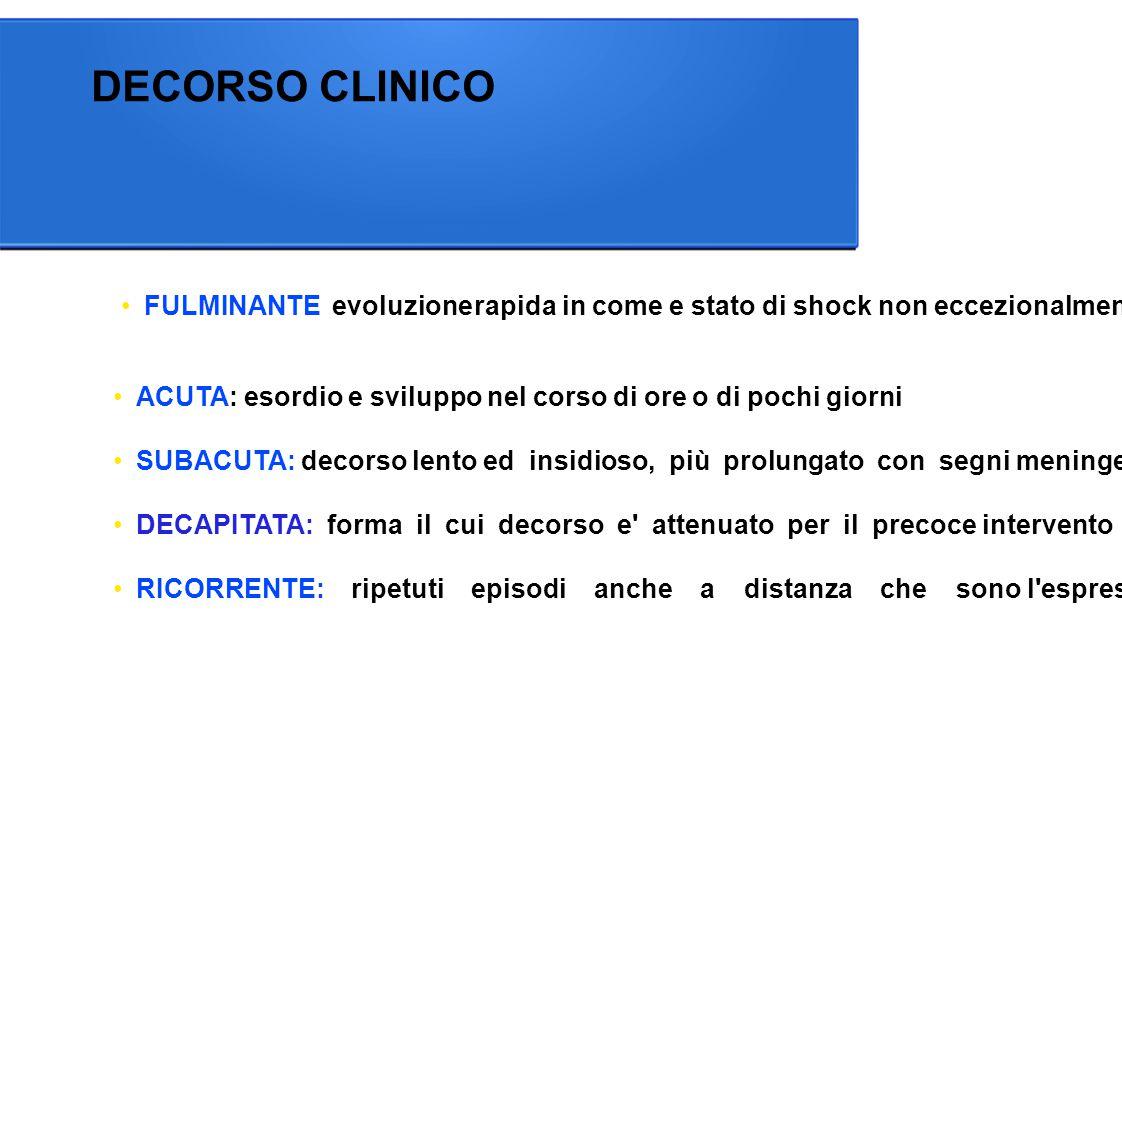 DECORSO CLINICO in coma e